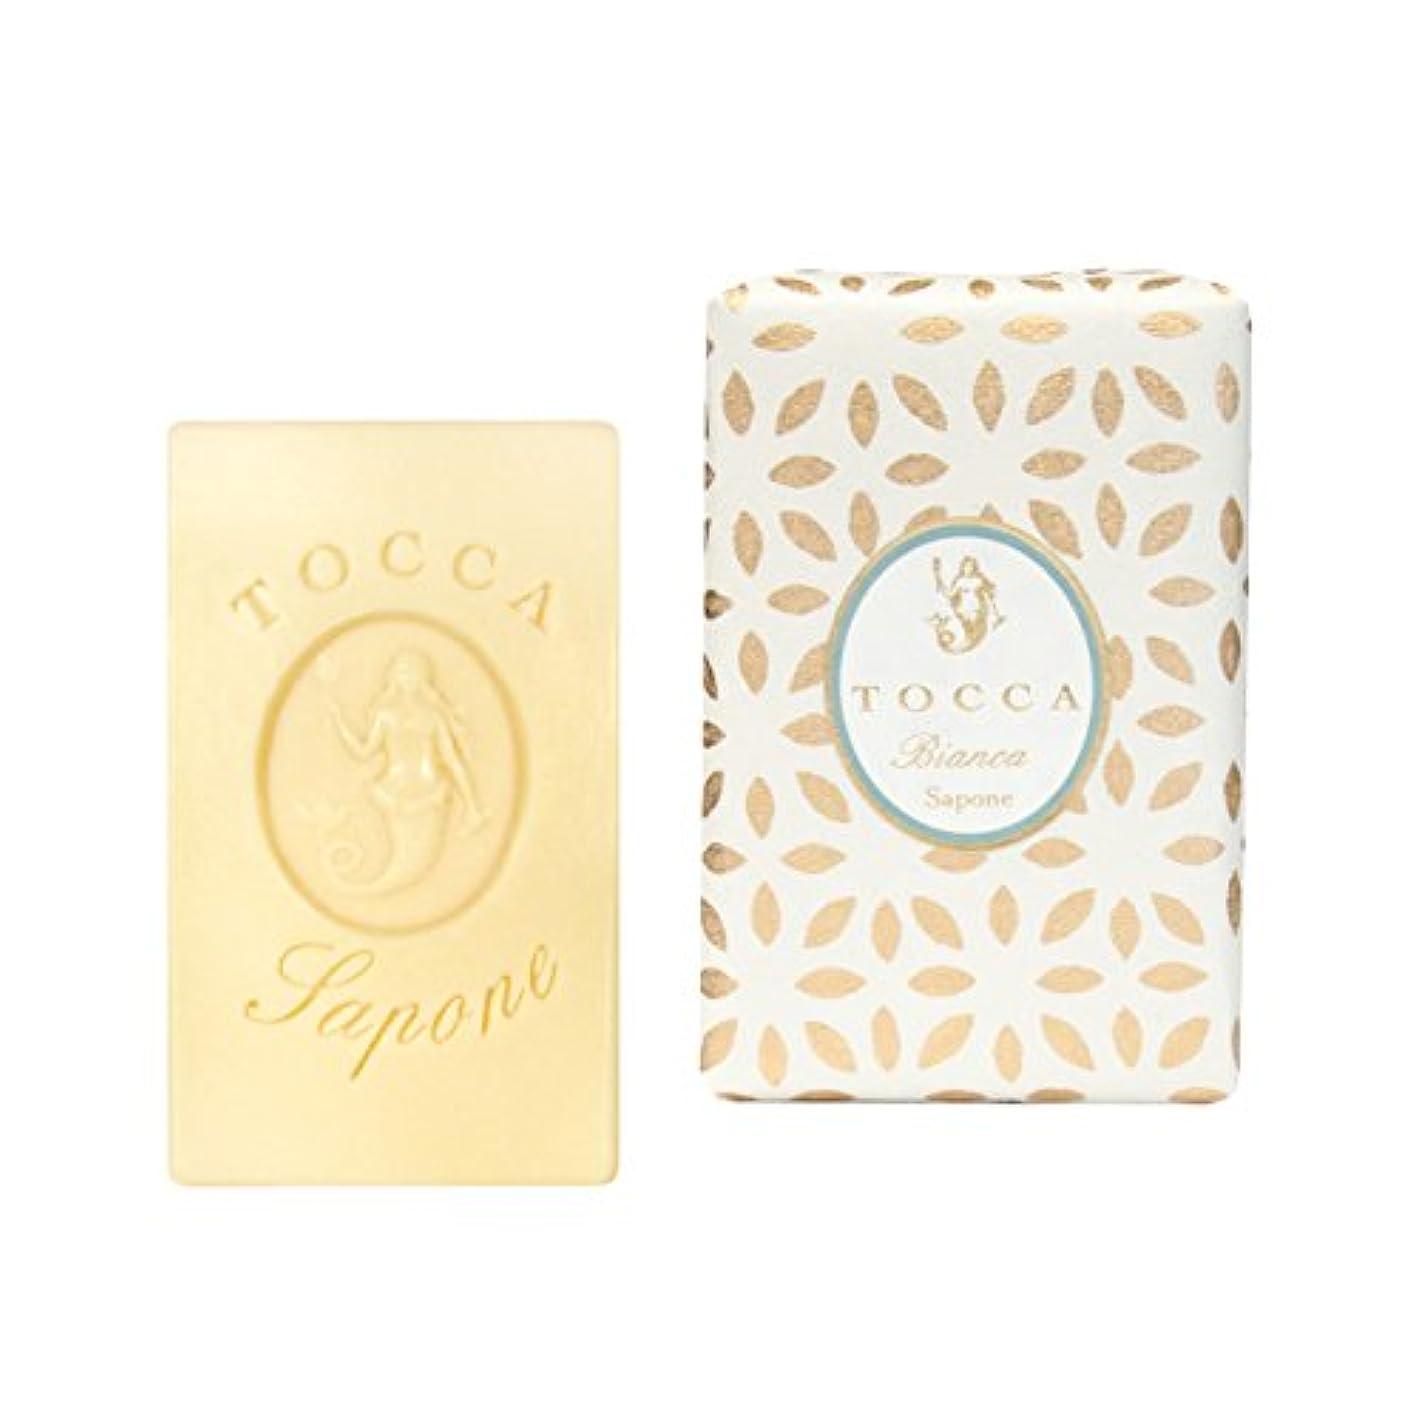 宝デッキセージトッカ(TOCCA) ソープバー ビアンカの香り 113g(化粧石けん シトラスとグリーンティー、ローズが絶妙に溶け合ったほのかに甘さ漂うフレッシュな香り)